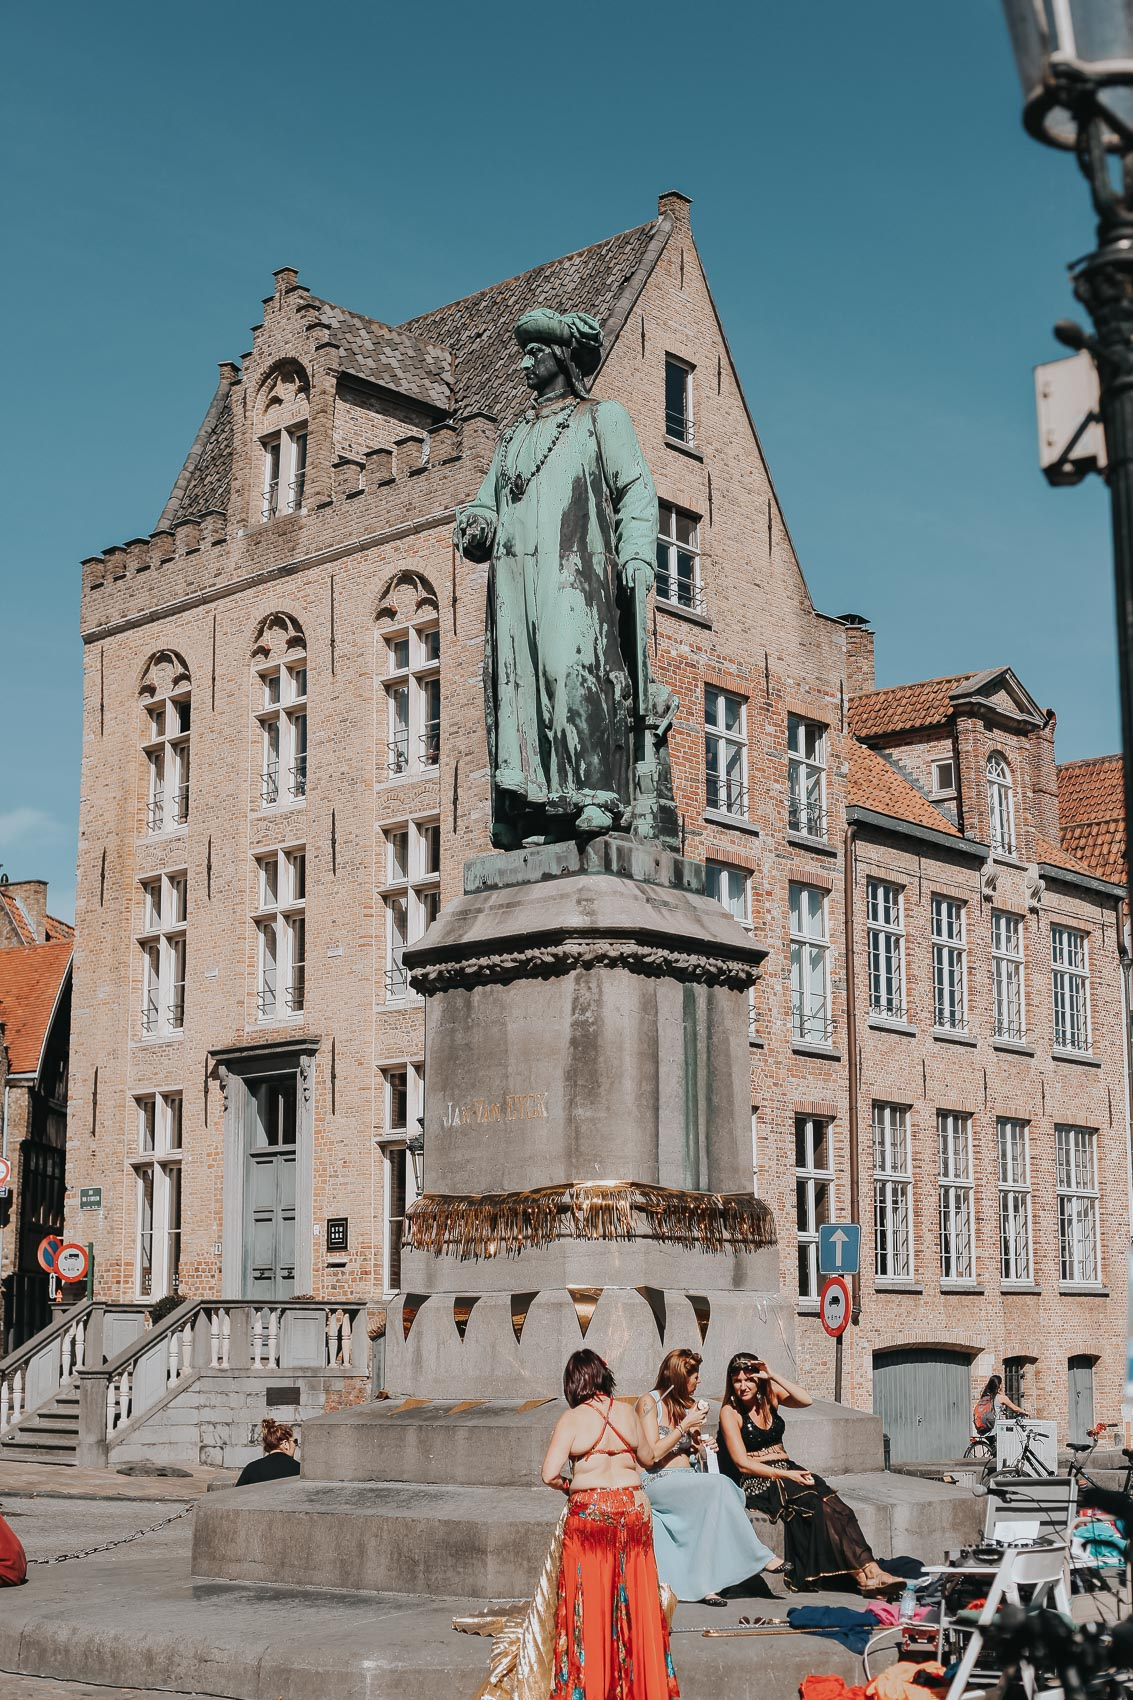 Jan van eyckplein square